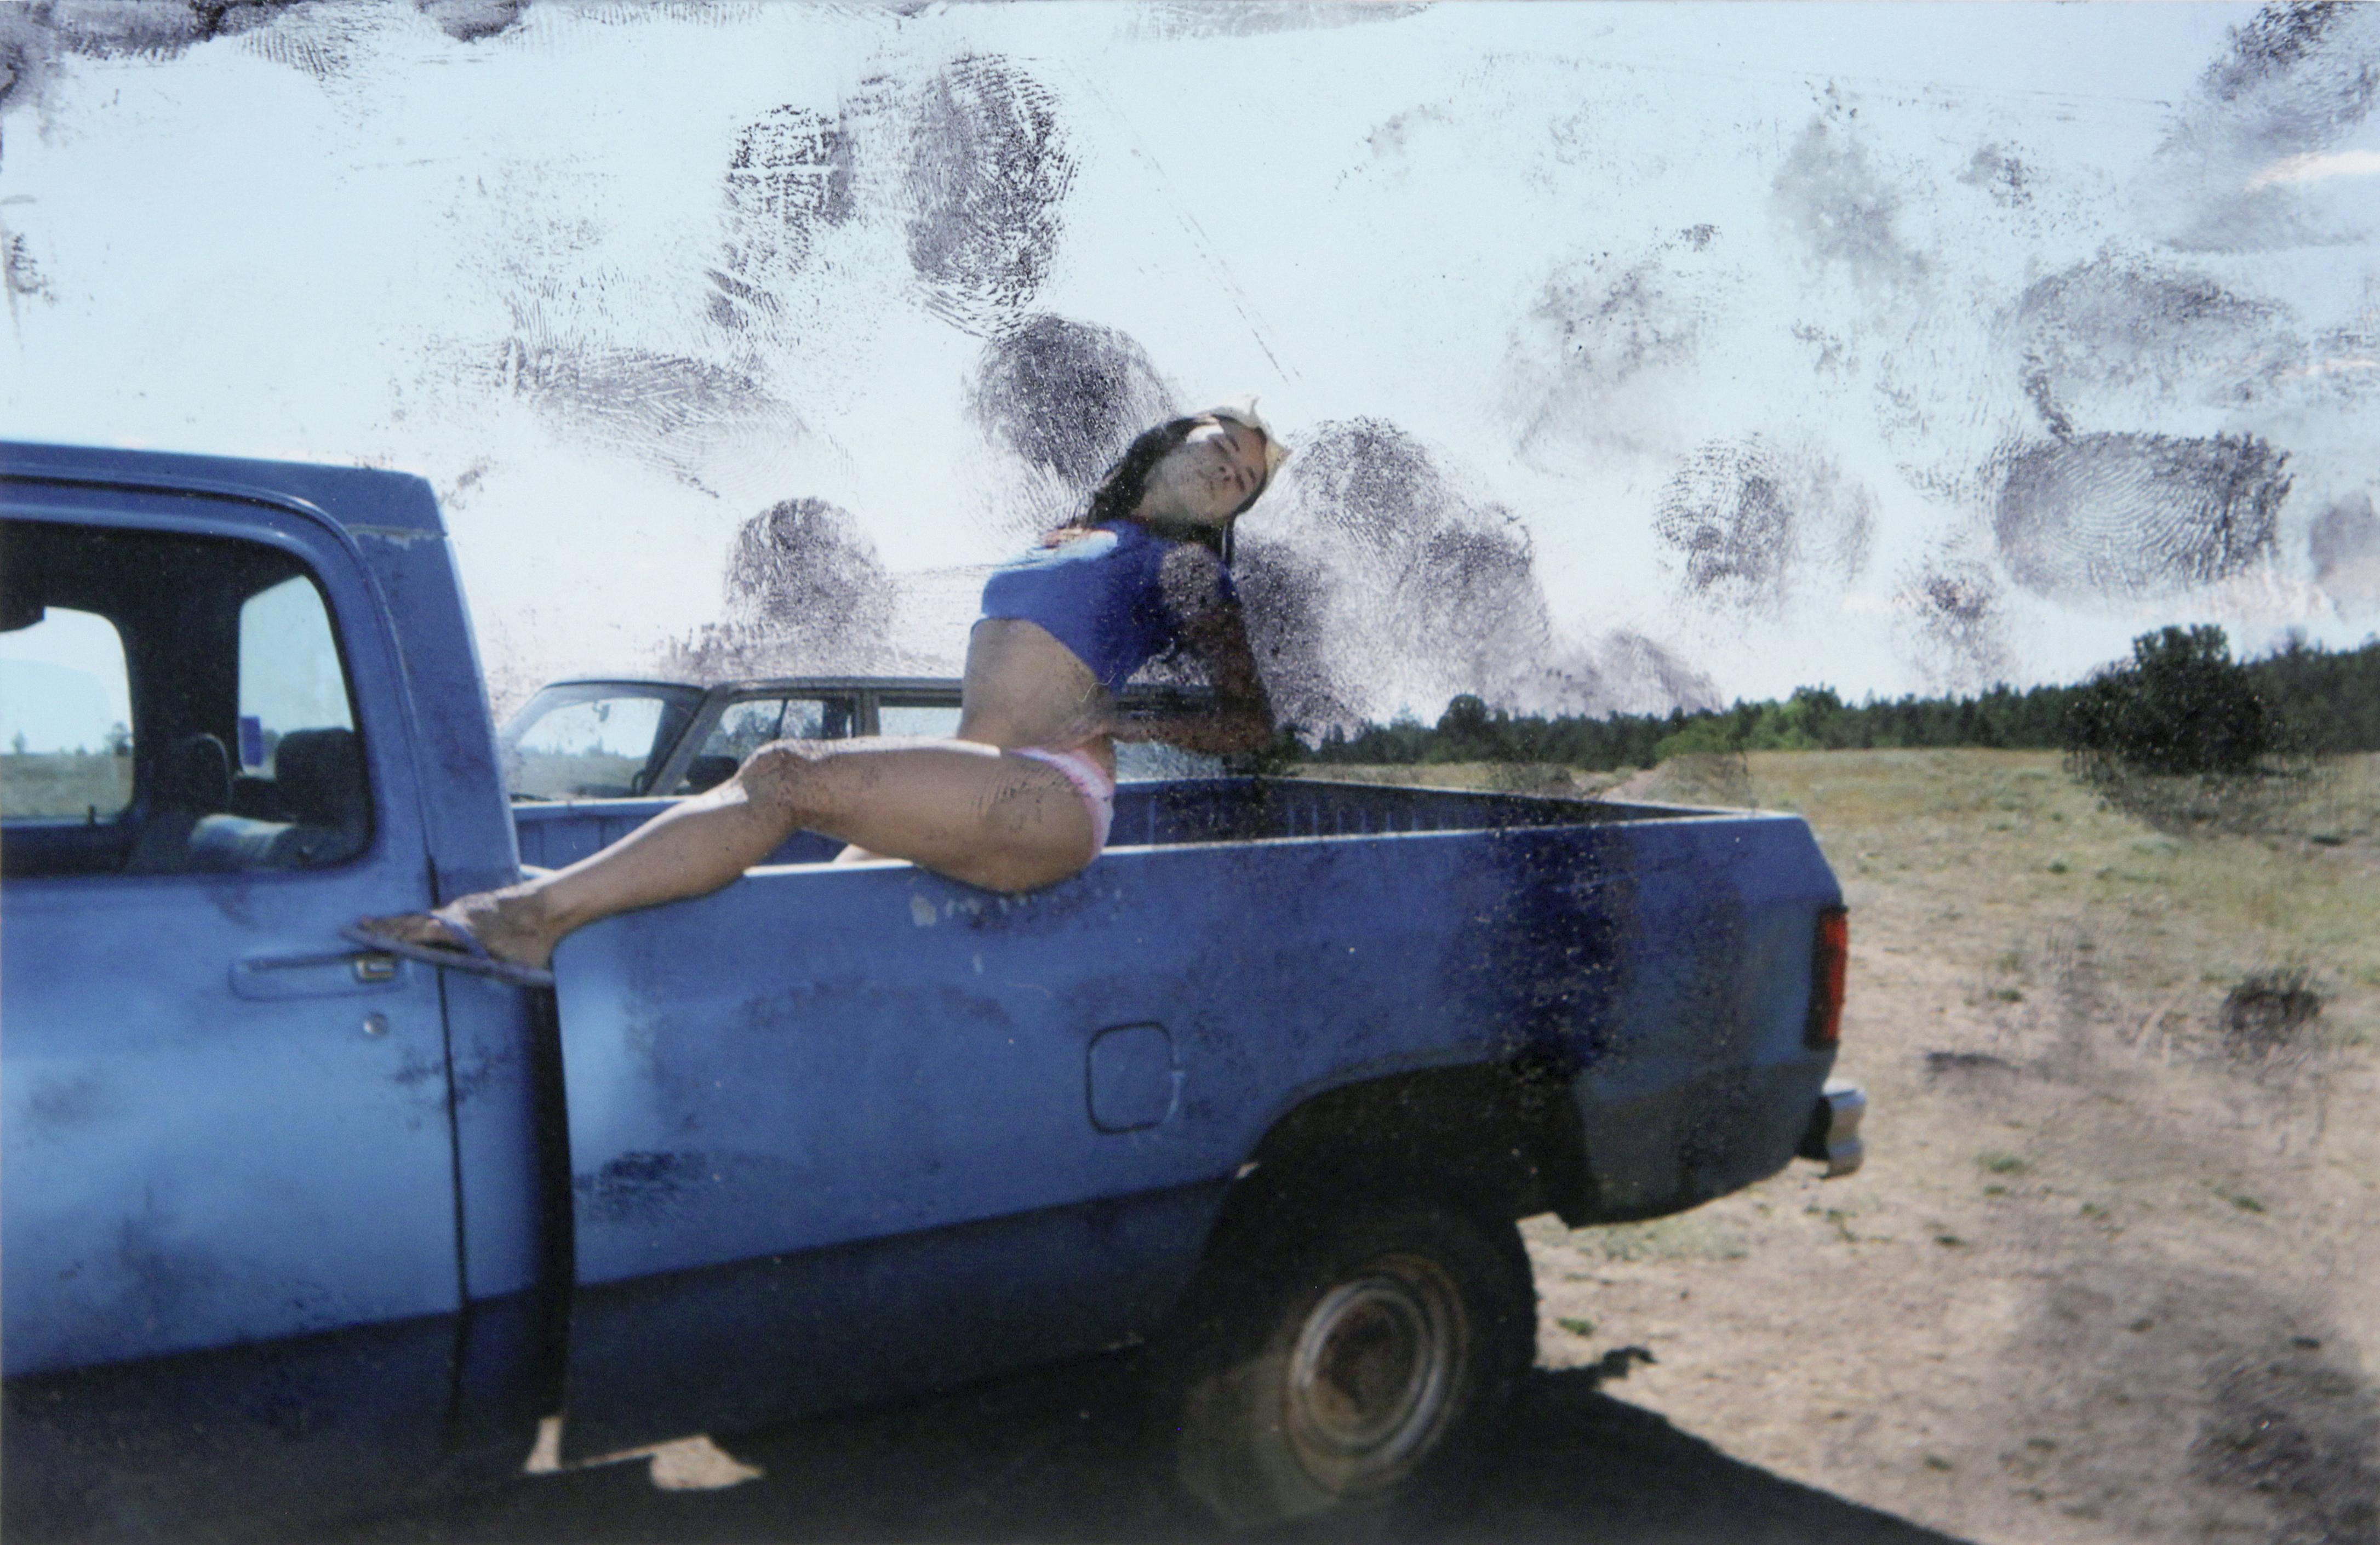 Laurel Nakadate, zserii Lucky Tiger (Tygrys szczęściarz), fotografia, tusz, 2009